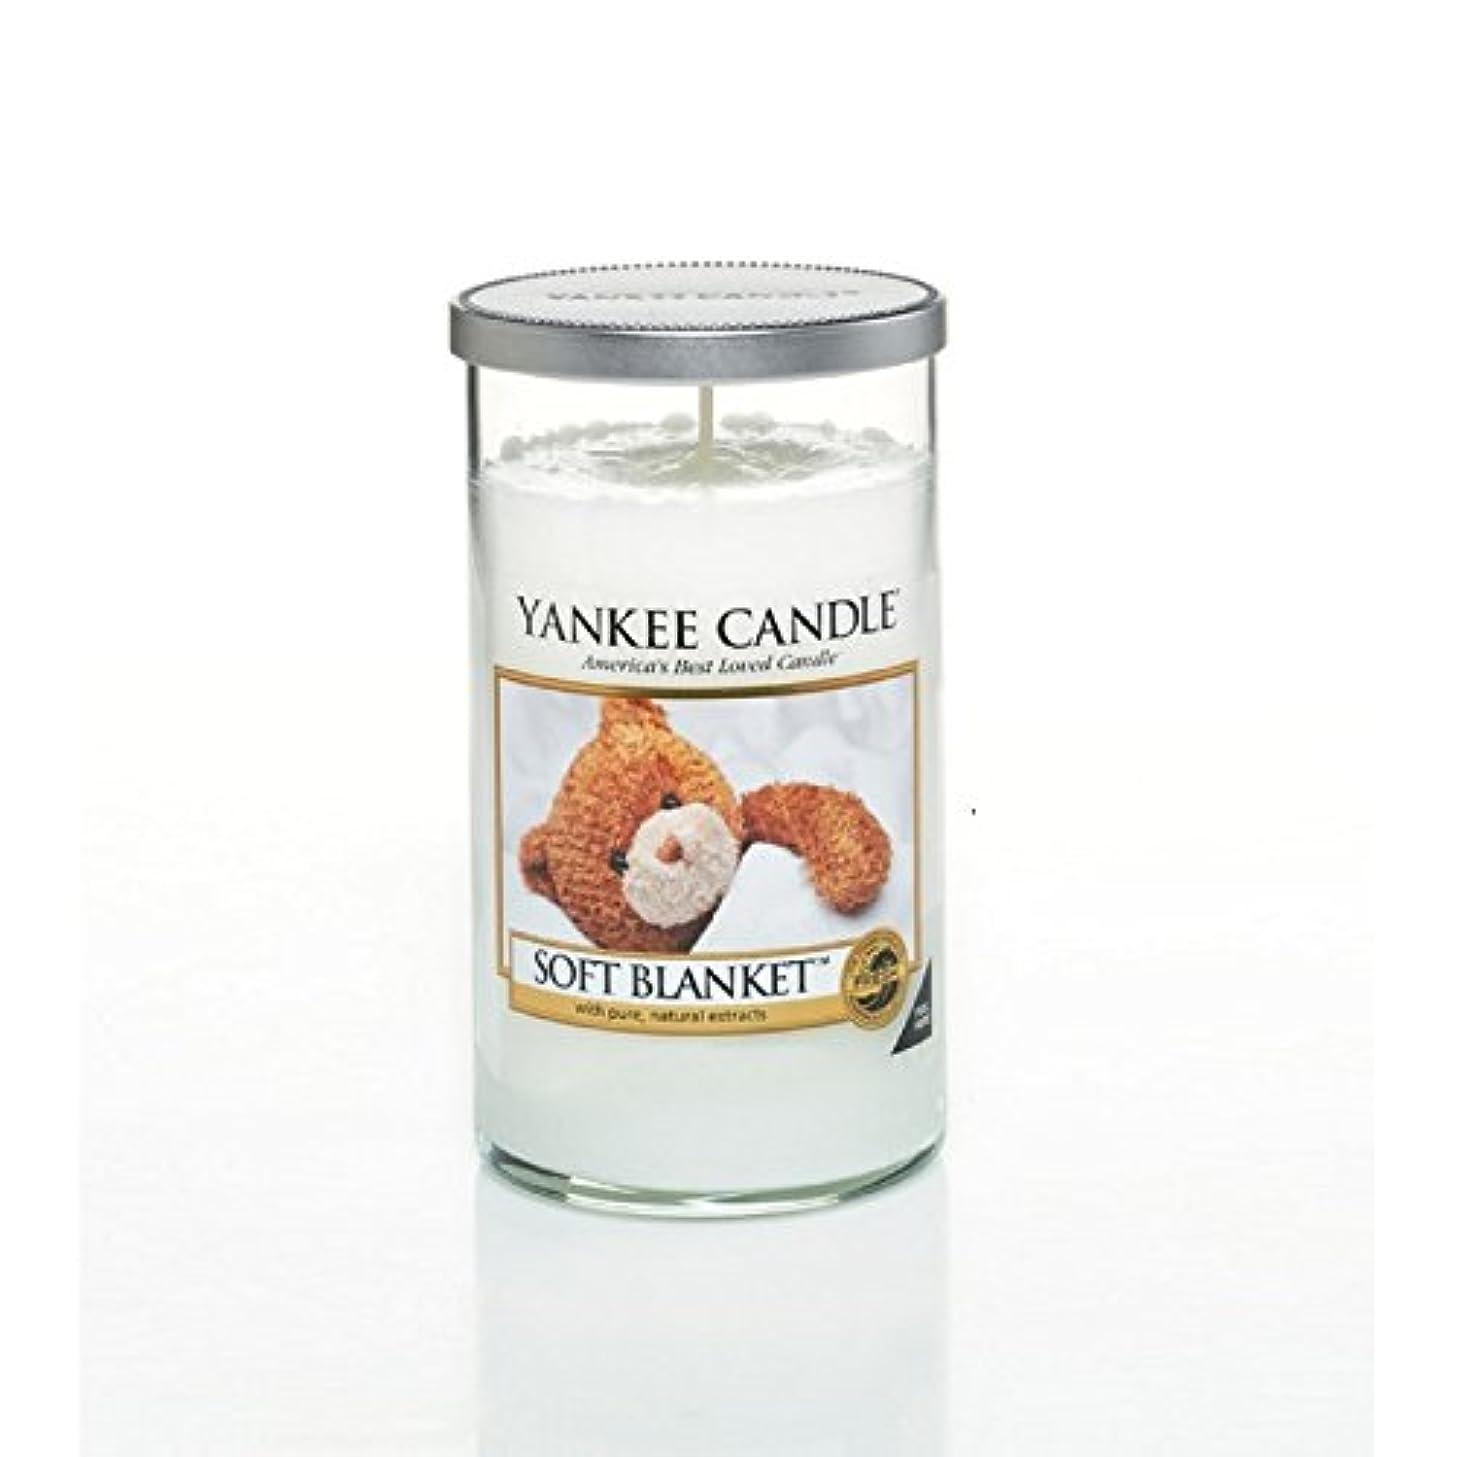 ペイント仕事に行くホストヤンキーキャンドルメディアピラーキャンドル - ソフト毛布 - Yankee Candles Medium Pillar Candle - Soft Blanket (Yankee Candles) [並行輸入品]